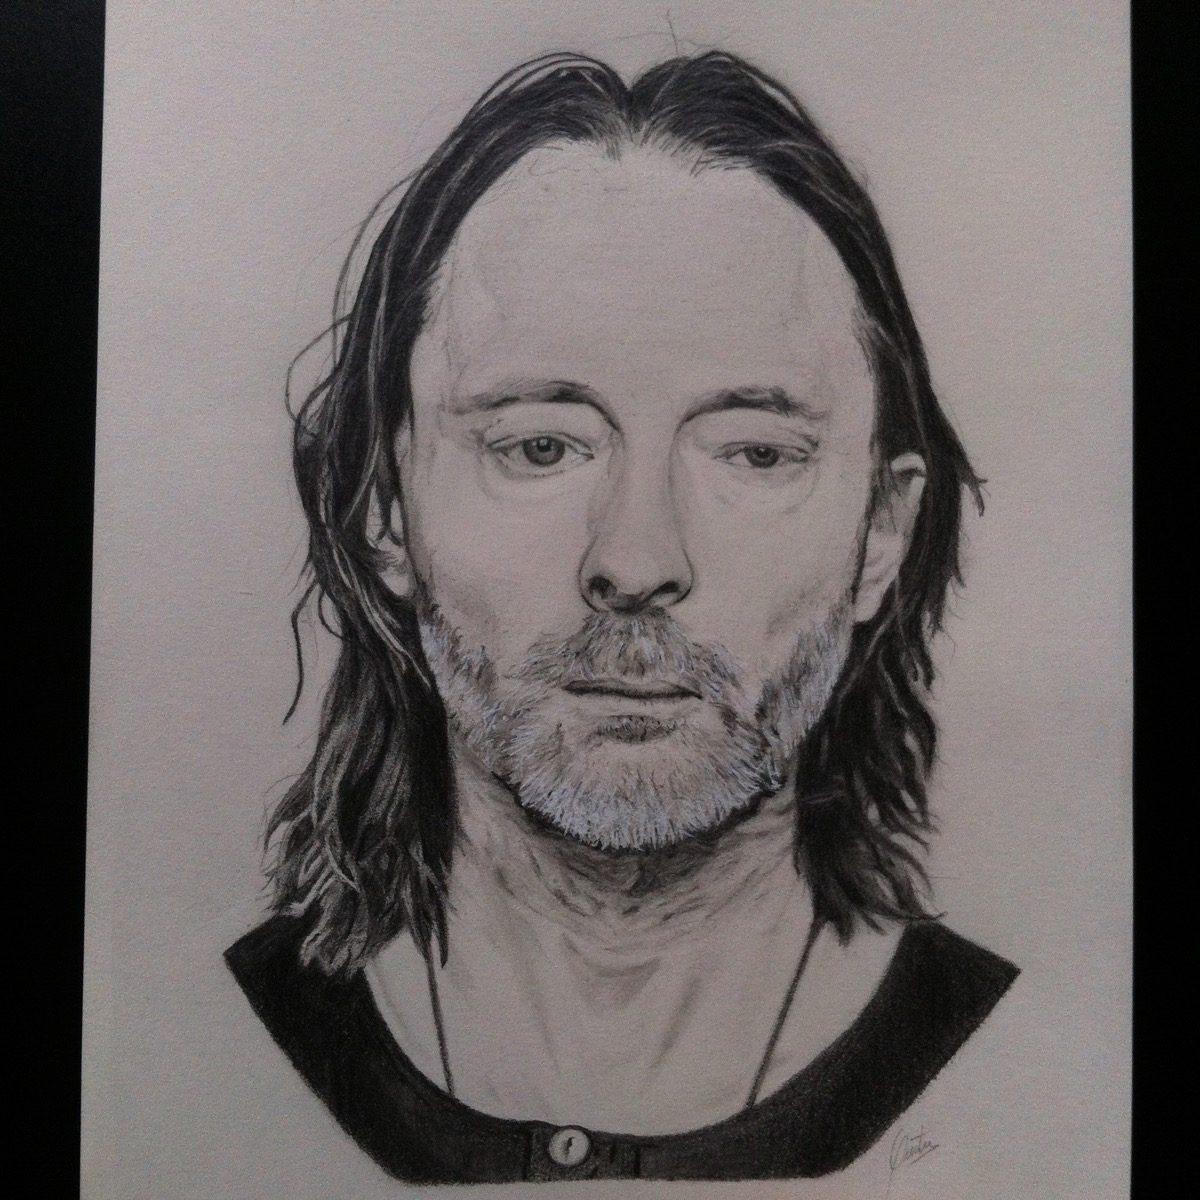 Dibujo A Lapiz Carboncillo Retrato Thom Yorke Radiohead S 70 00